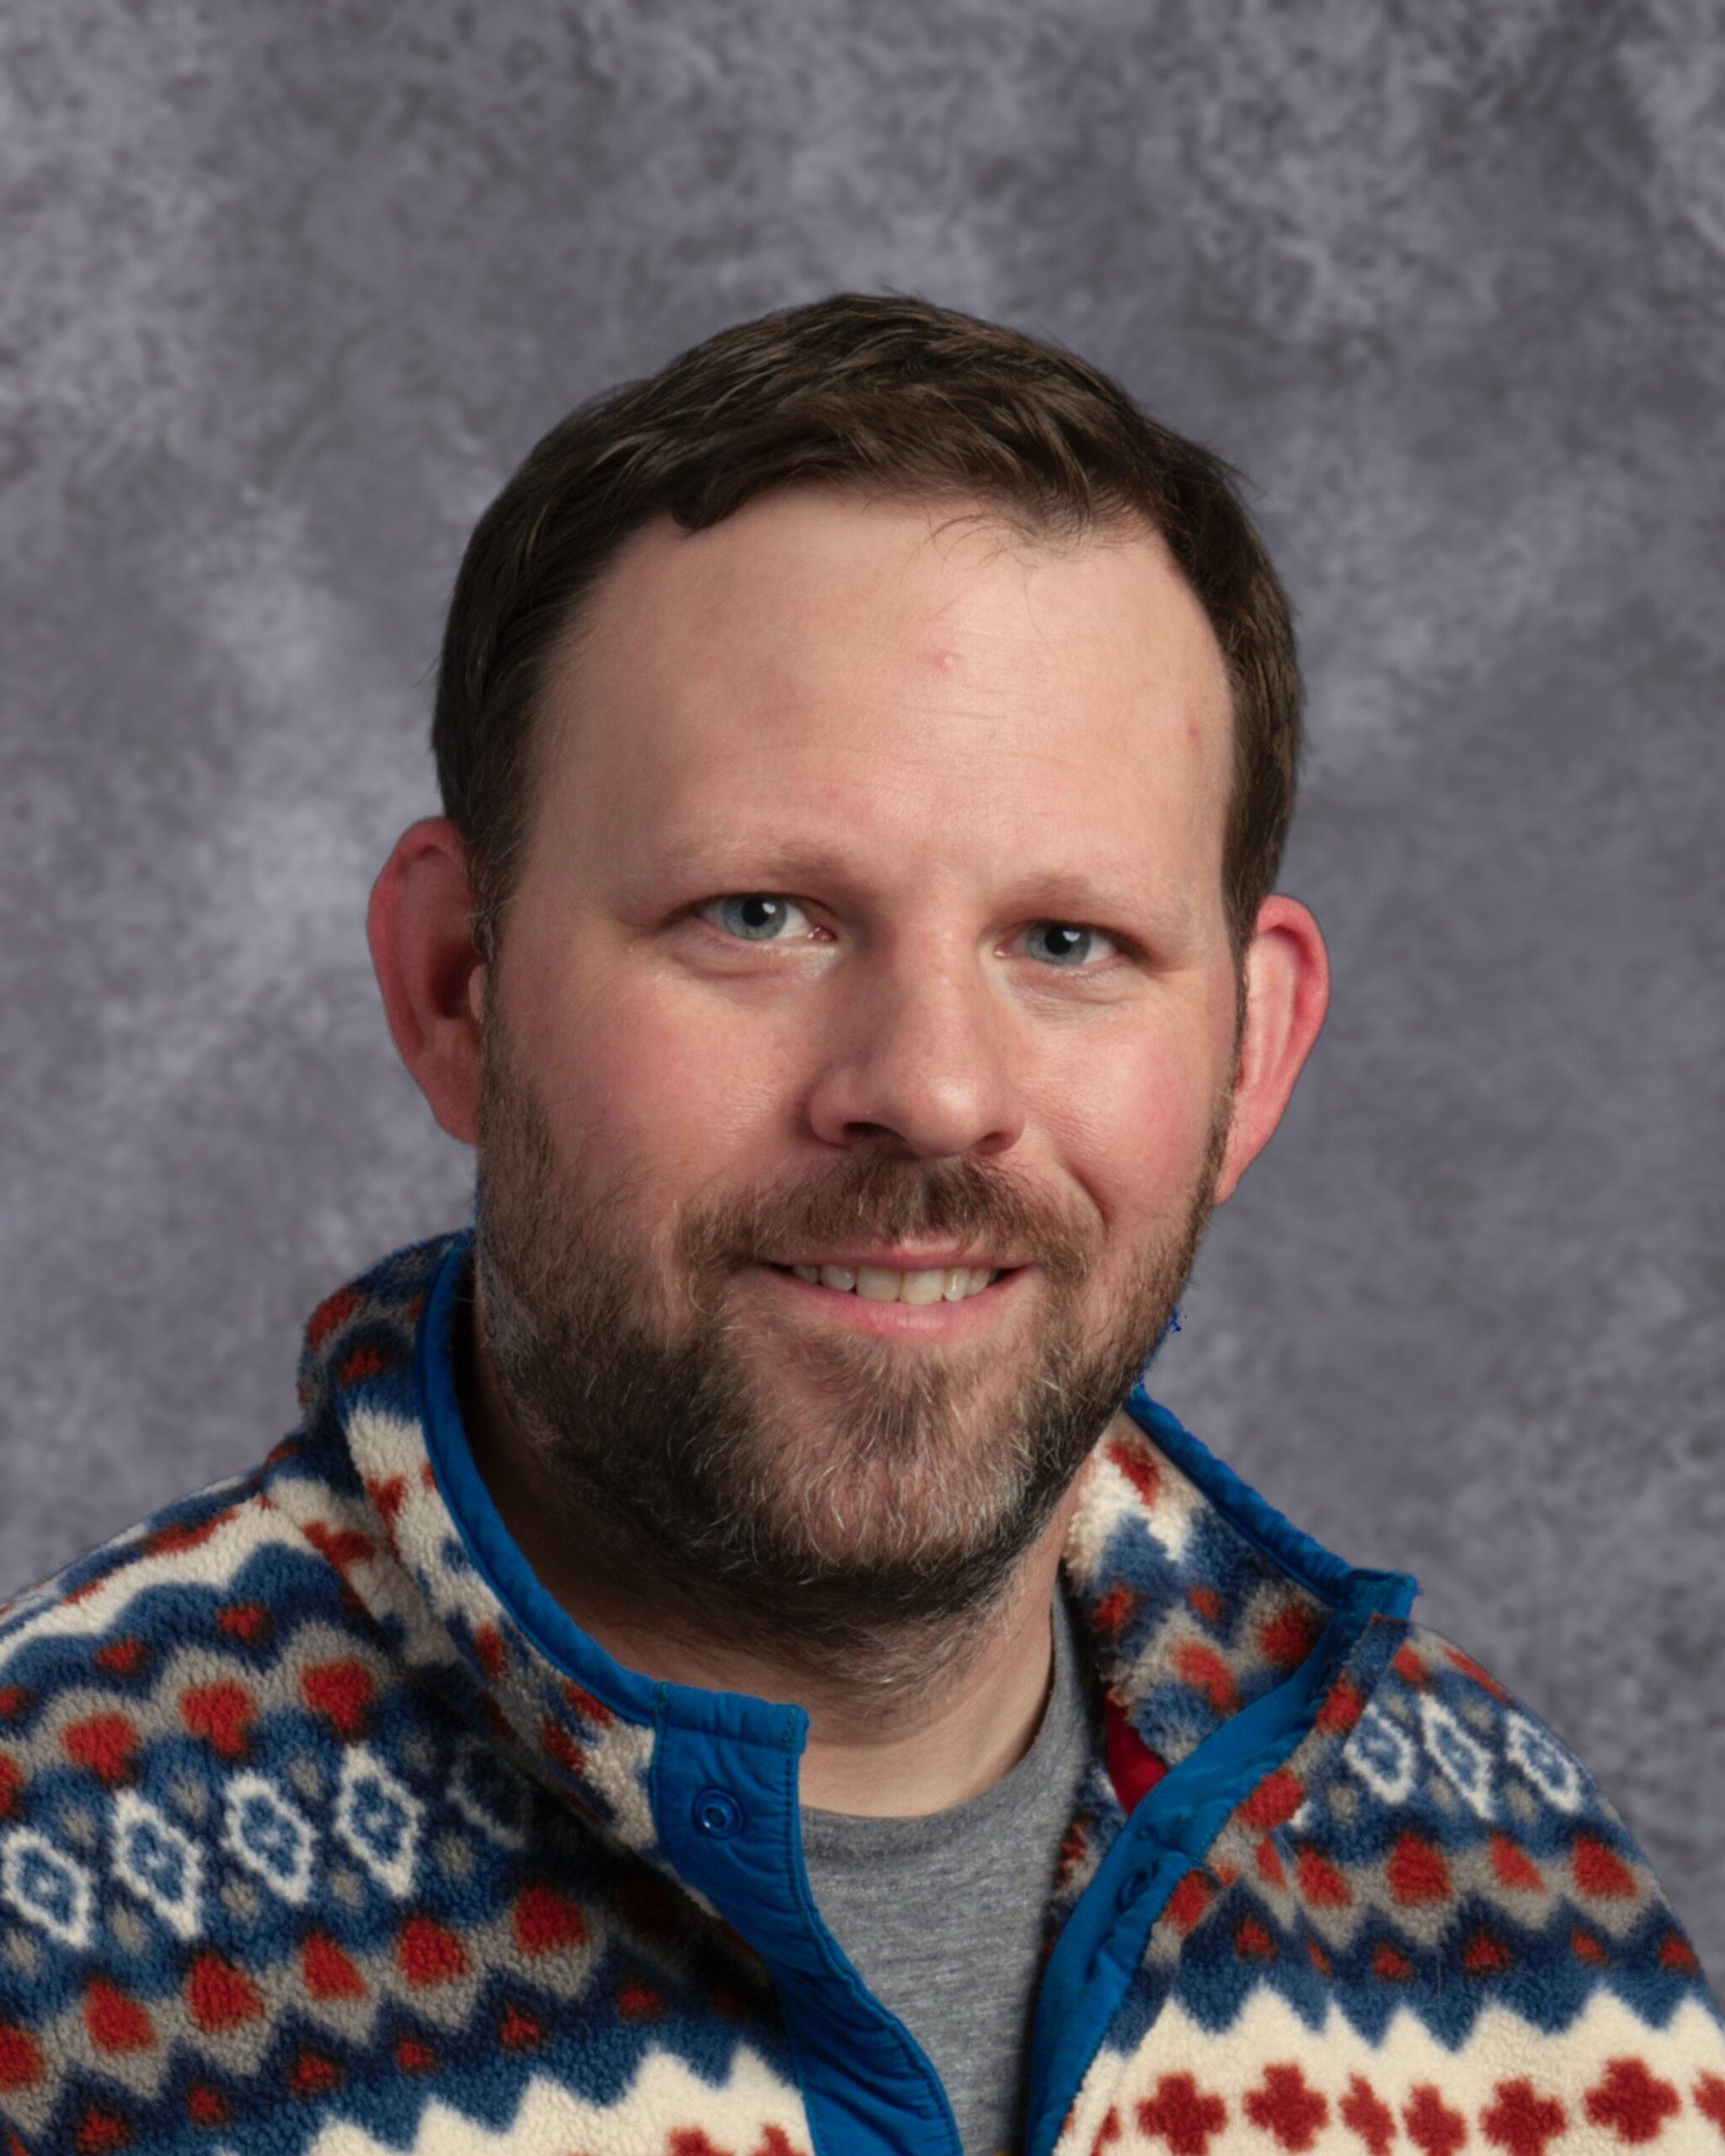 John Krauser